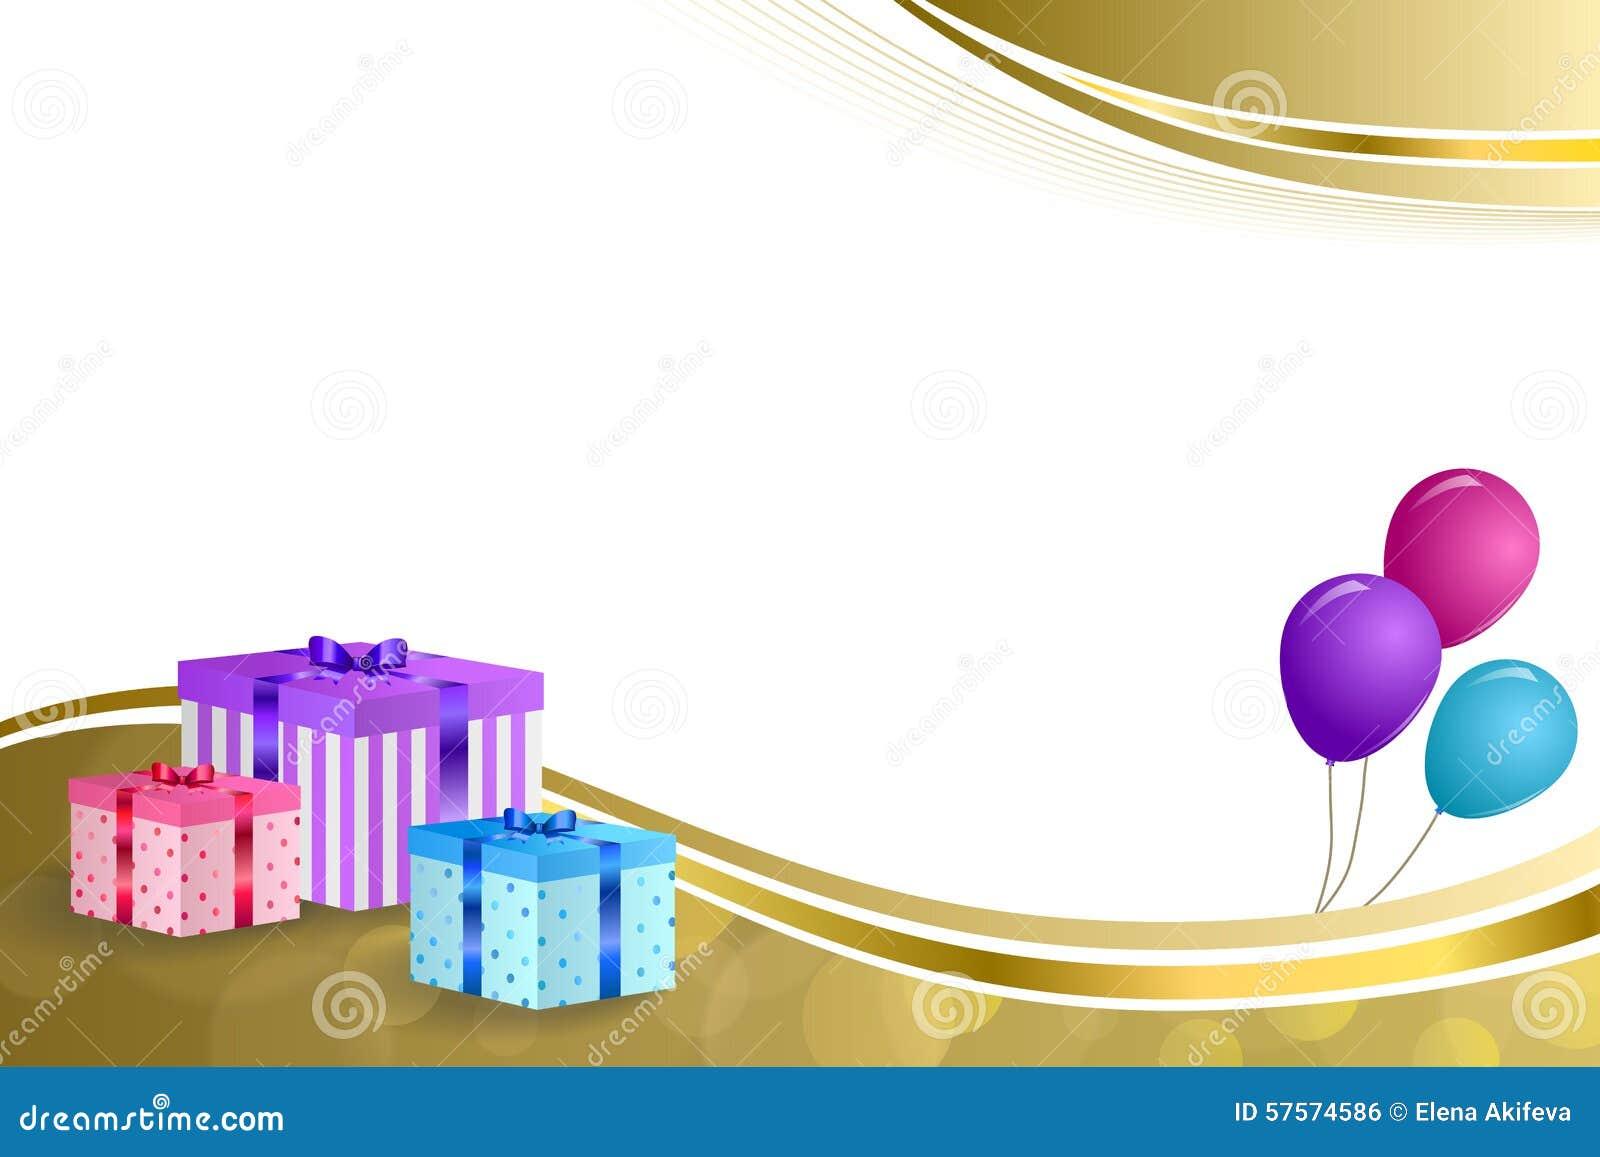 Пинка подарочной коробки вечеринки по случаю дня рождения предпосылки синь абстрактного бежевого фиолетовая раздувает иллюстрация